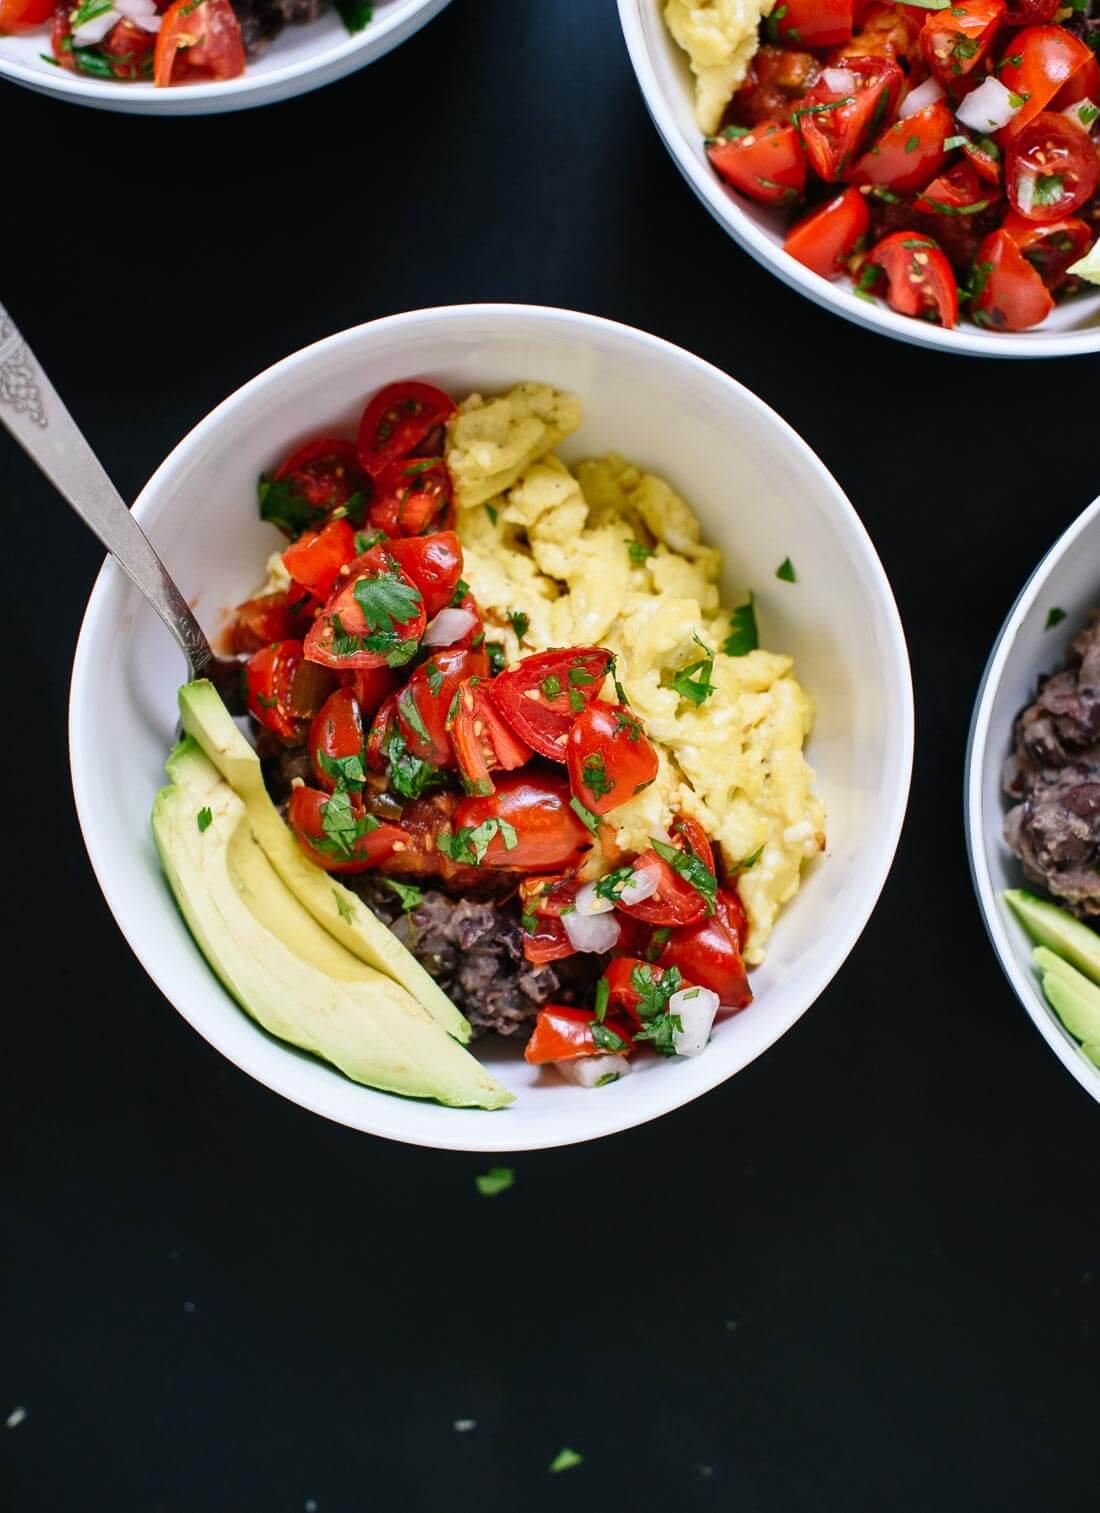 proteine e fibre con fagioli, pomodorini e uova